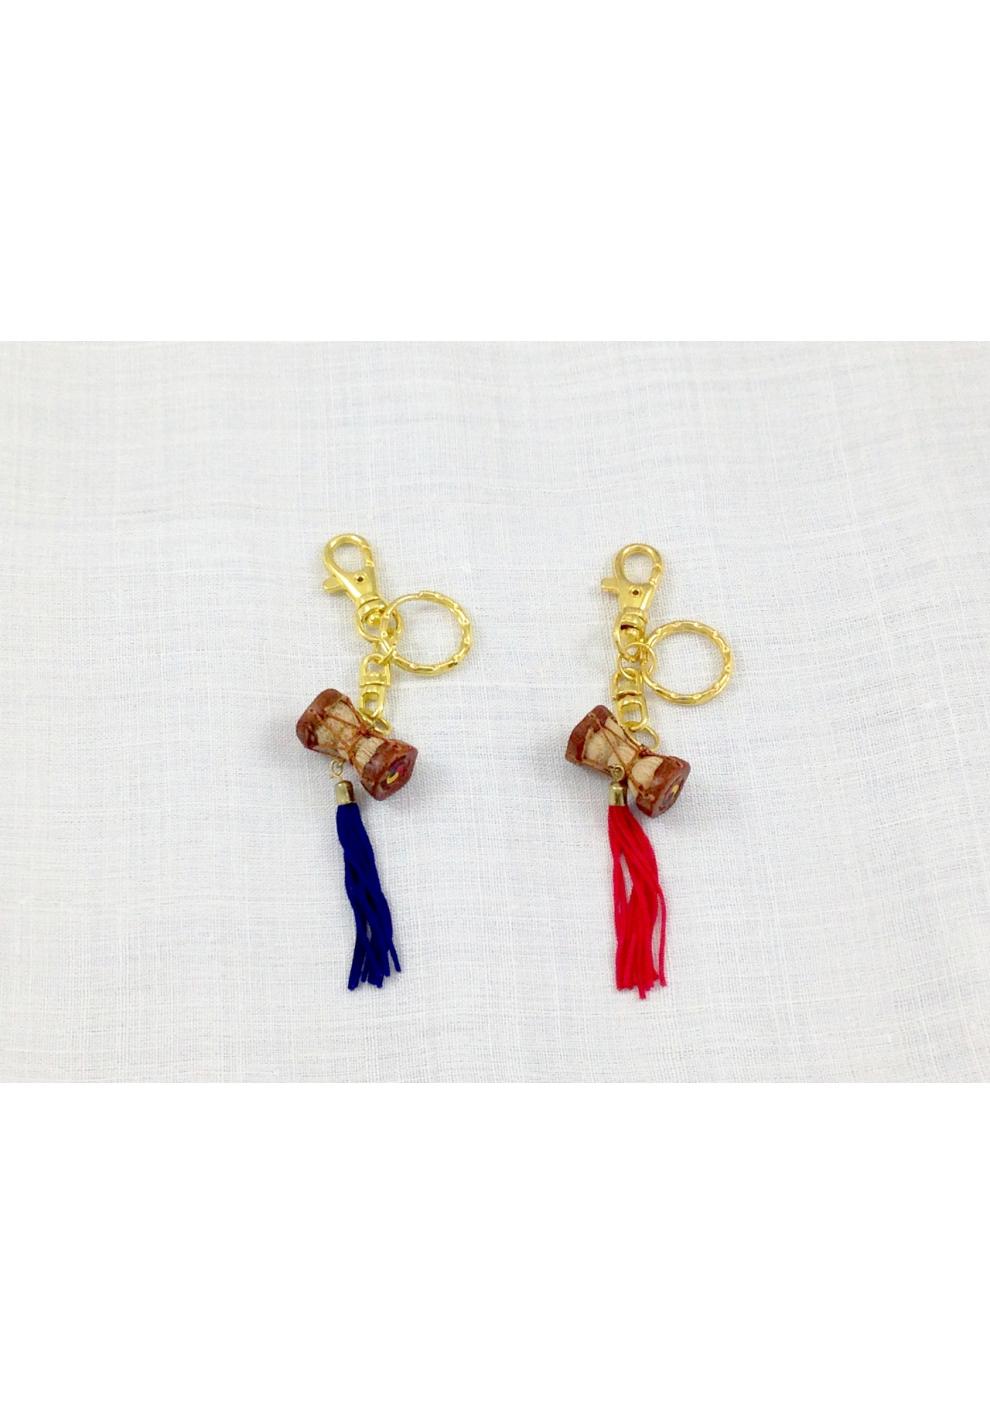 keychain_02-990x1425.JPG